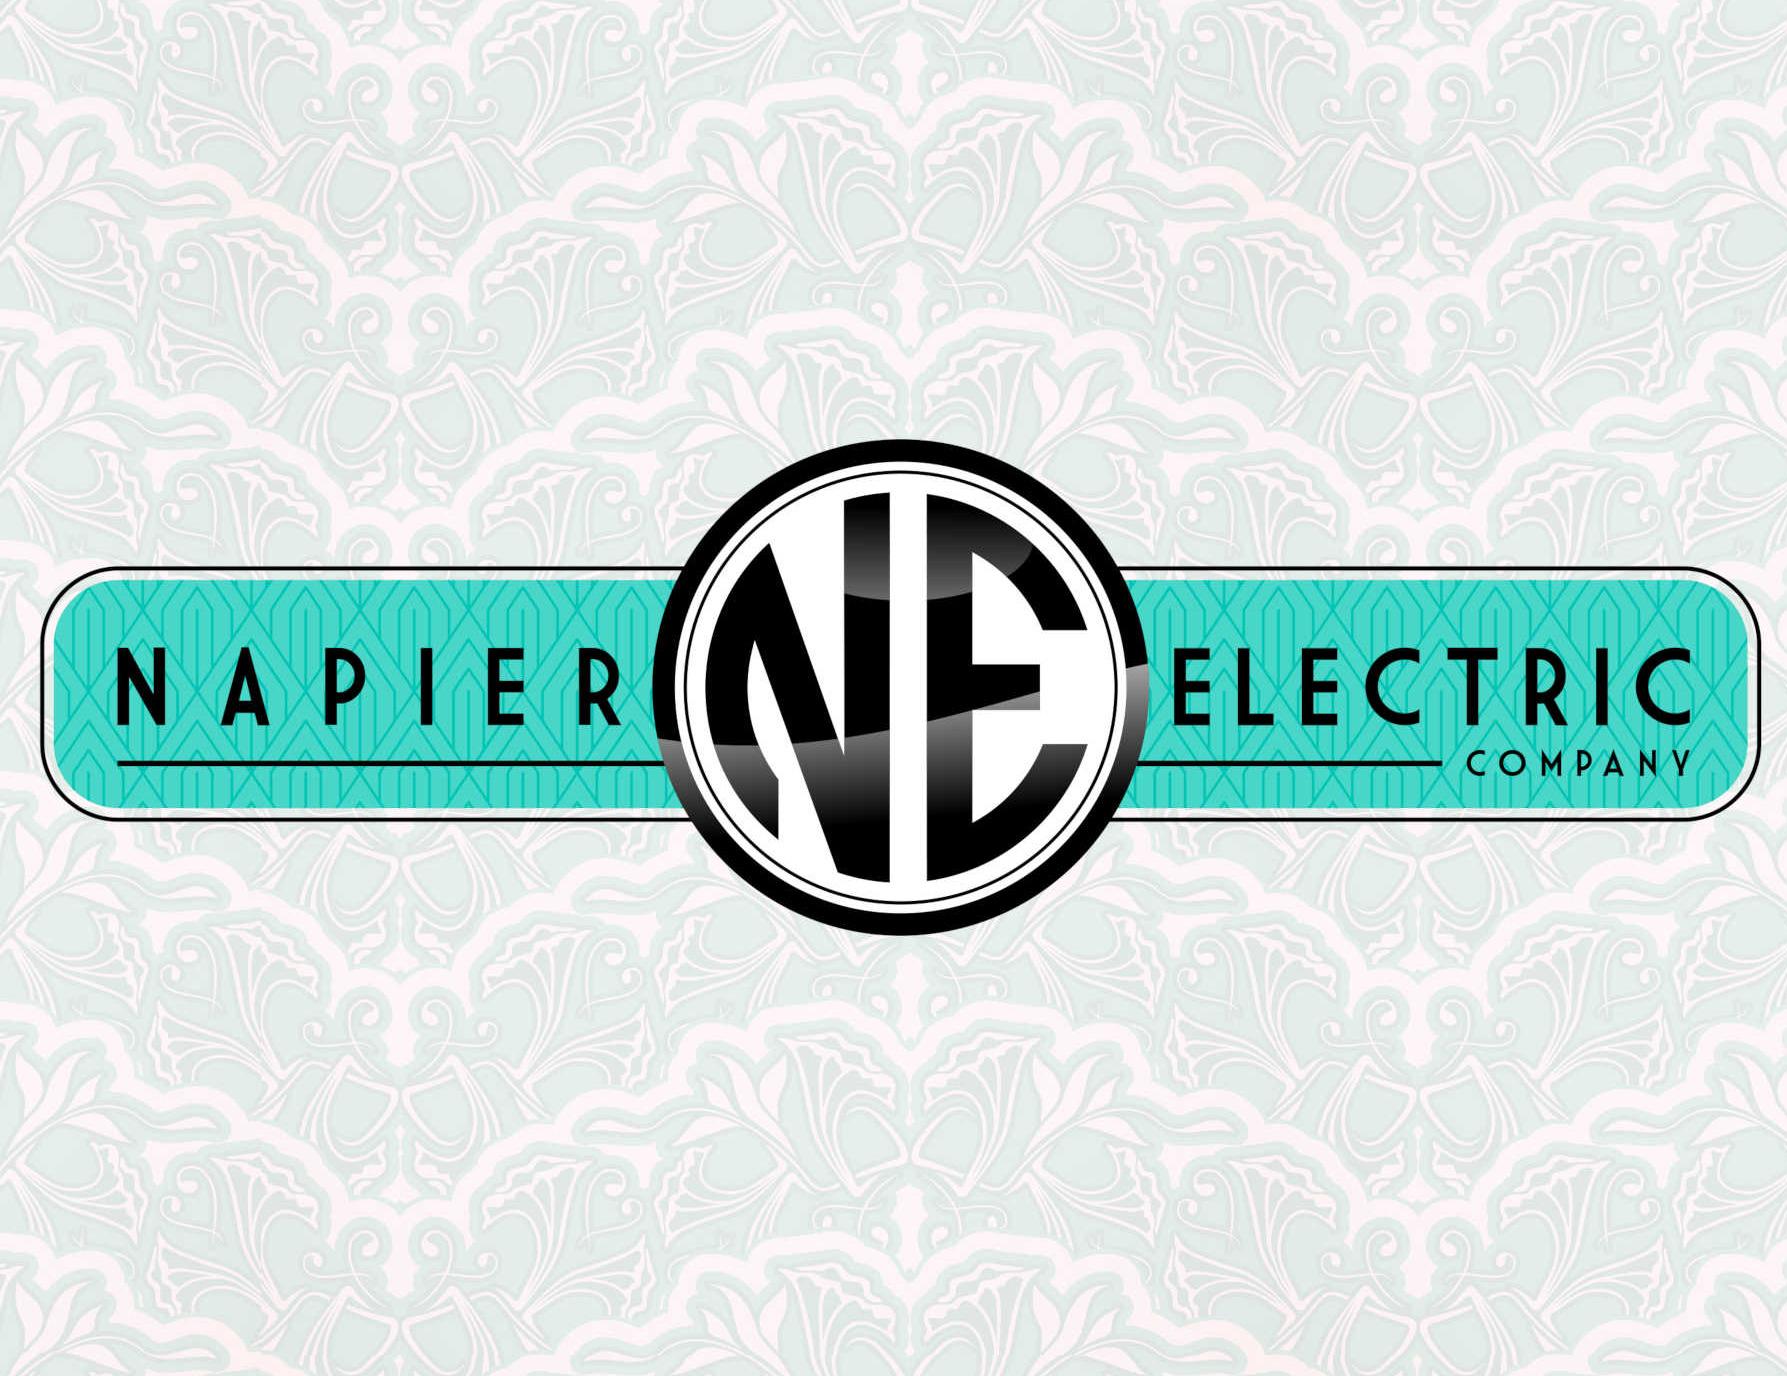 Napier Electric Company